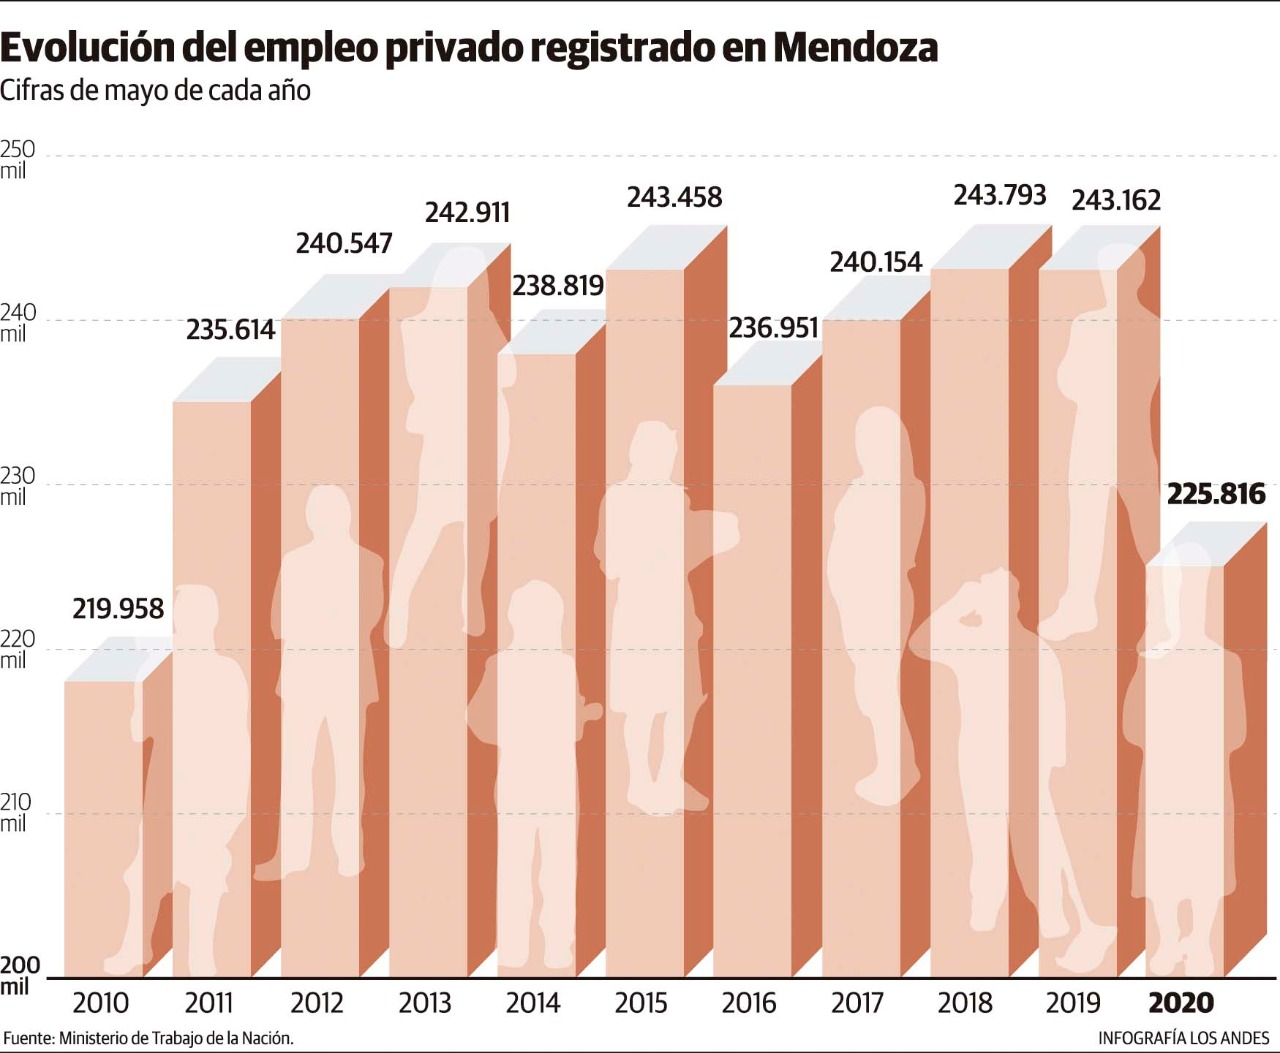 El mercado laboral de Mendoza retrocedió una década.